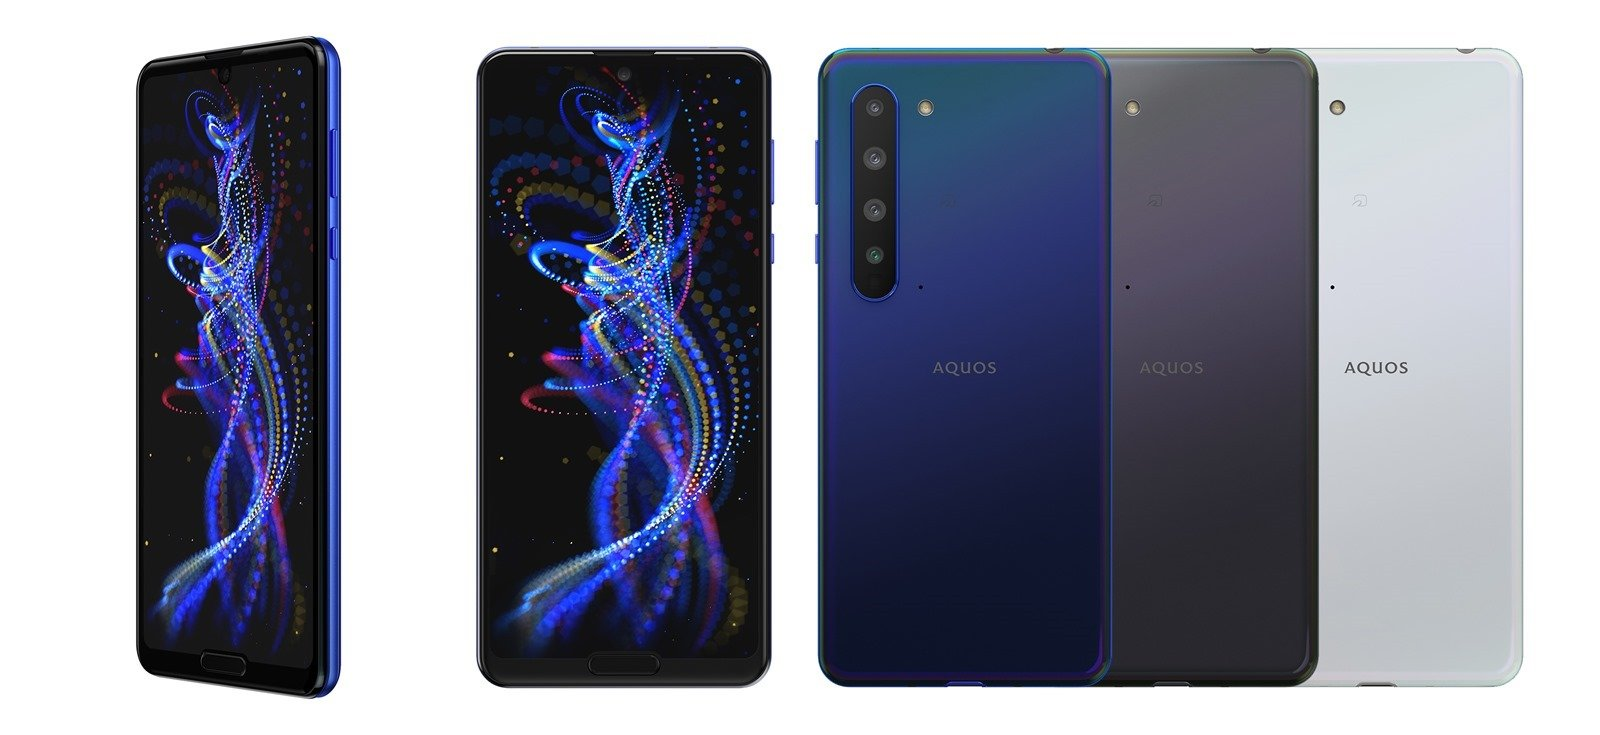 夏普首推最高規格 5G 智慧手機 AQUOS R5G!採用 S865 + 4K Pro IGZO 螢幕 + 8K 拍攝支援 @3C 達人廖阿輝